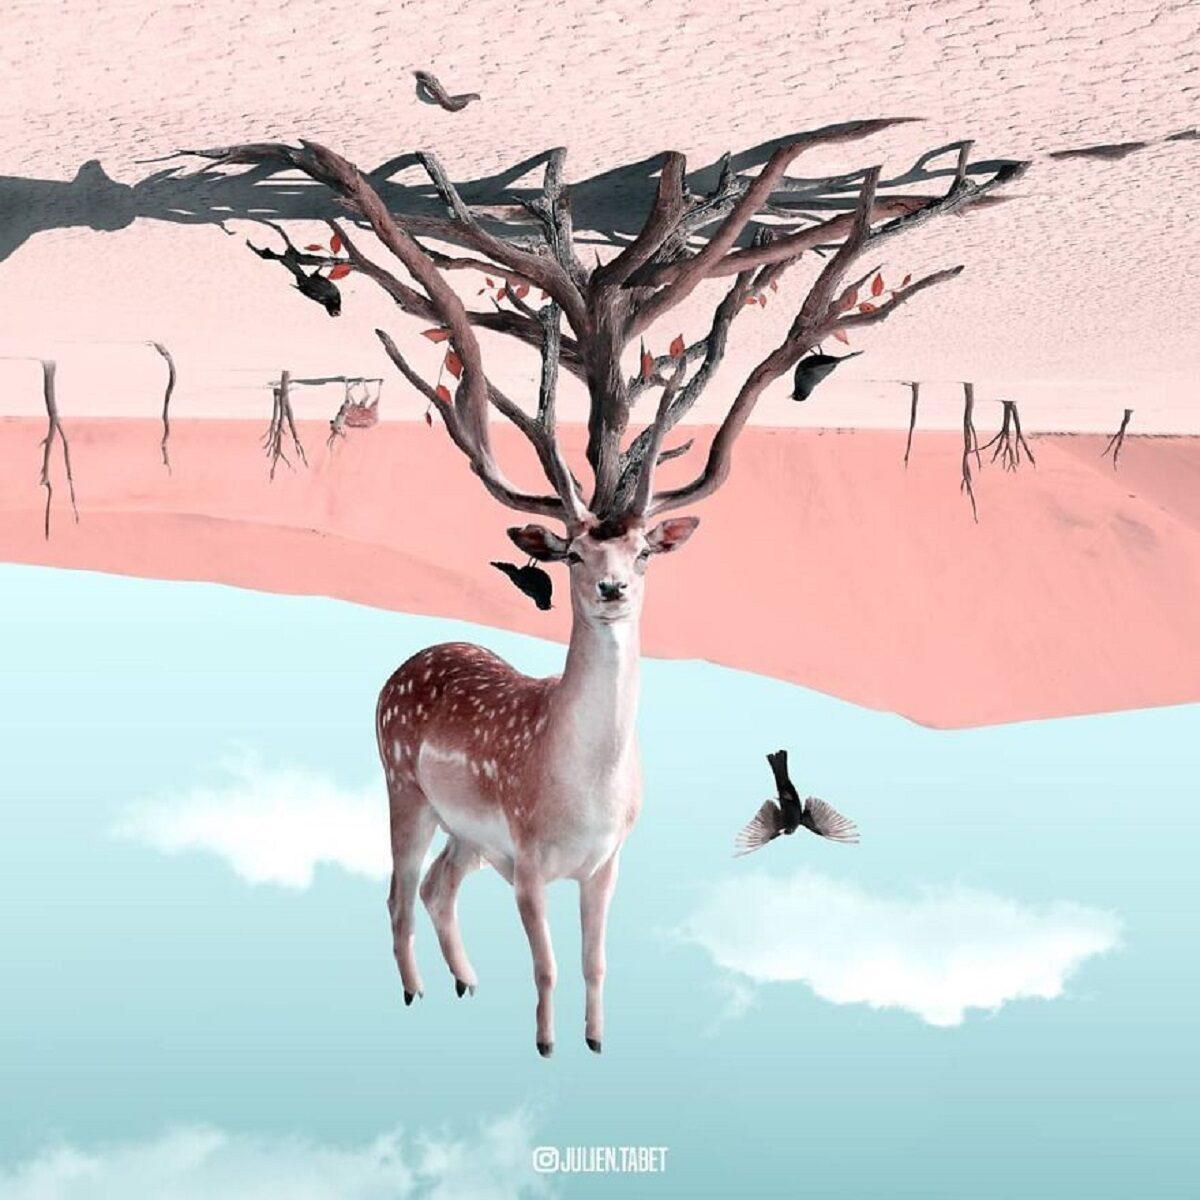 Julien Tabet artista mostra o que os animais fazem quando nao estamos olhando 30